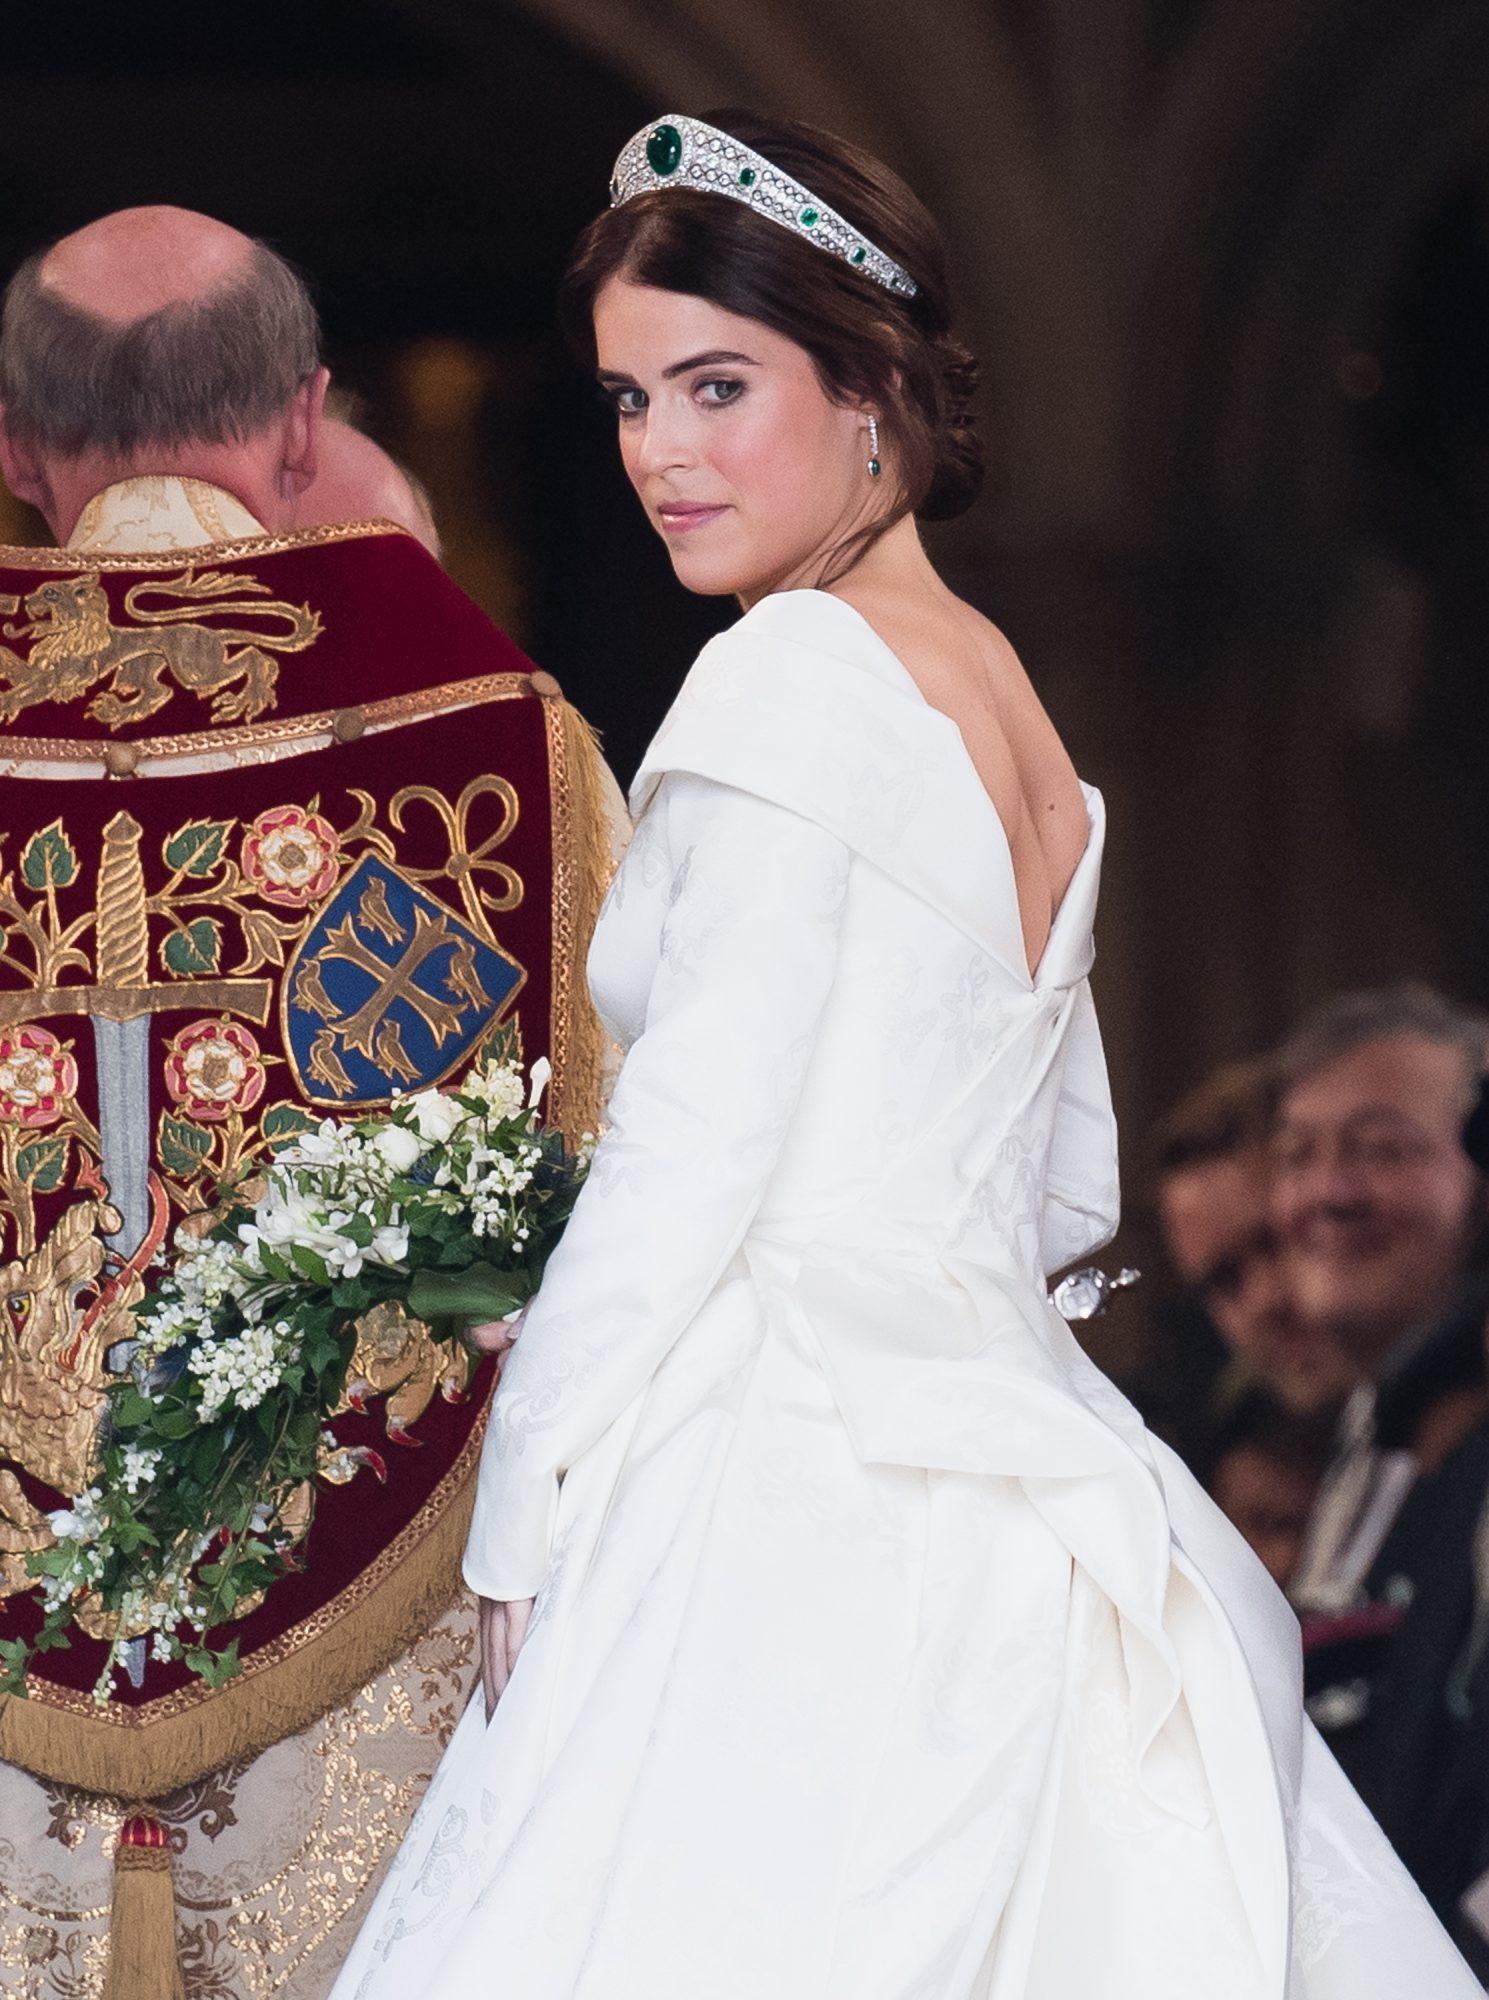 11 điều bạn có lẽ chưa biết về những chiếc vương miện tiara của hoàng gia - 5